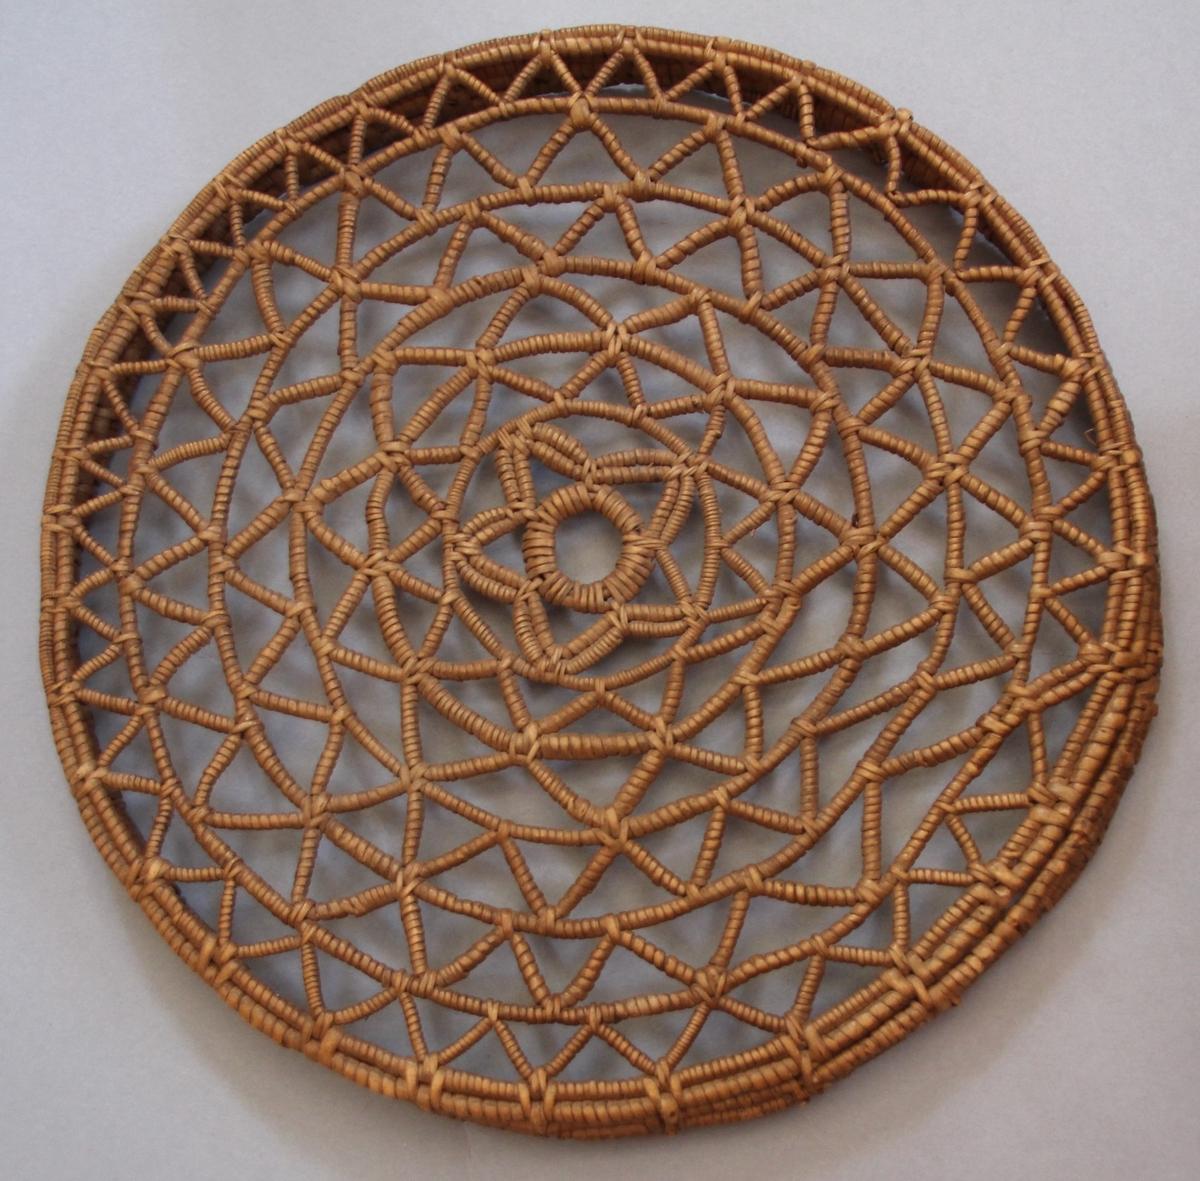 Rund korv i tægerarbeid med lok. Korga har ganske ope mønster, stjernemønster i midten av loket og botn. Trekantar, sirklar m.m. Nokre skadar øverst på korga.